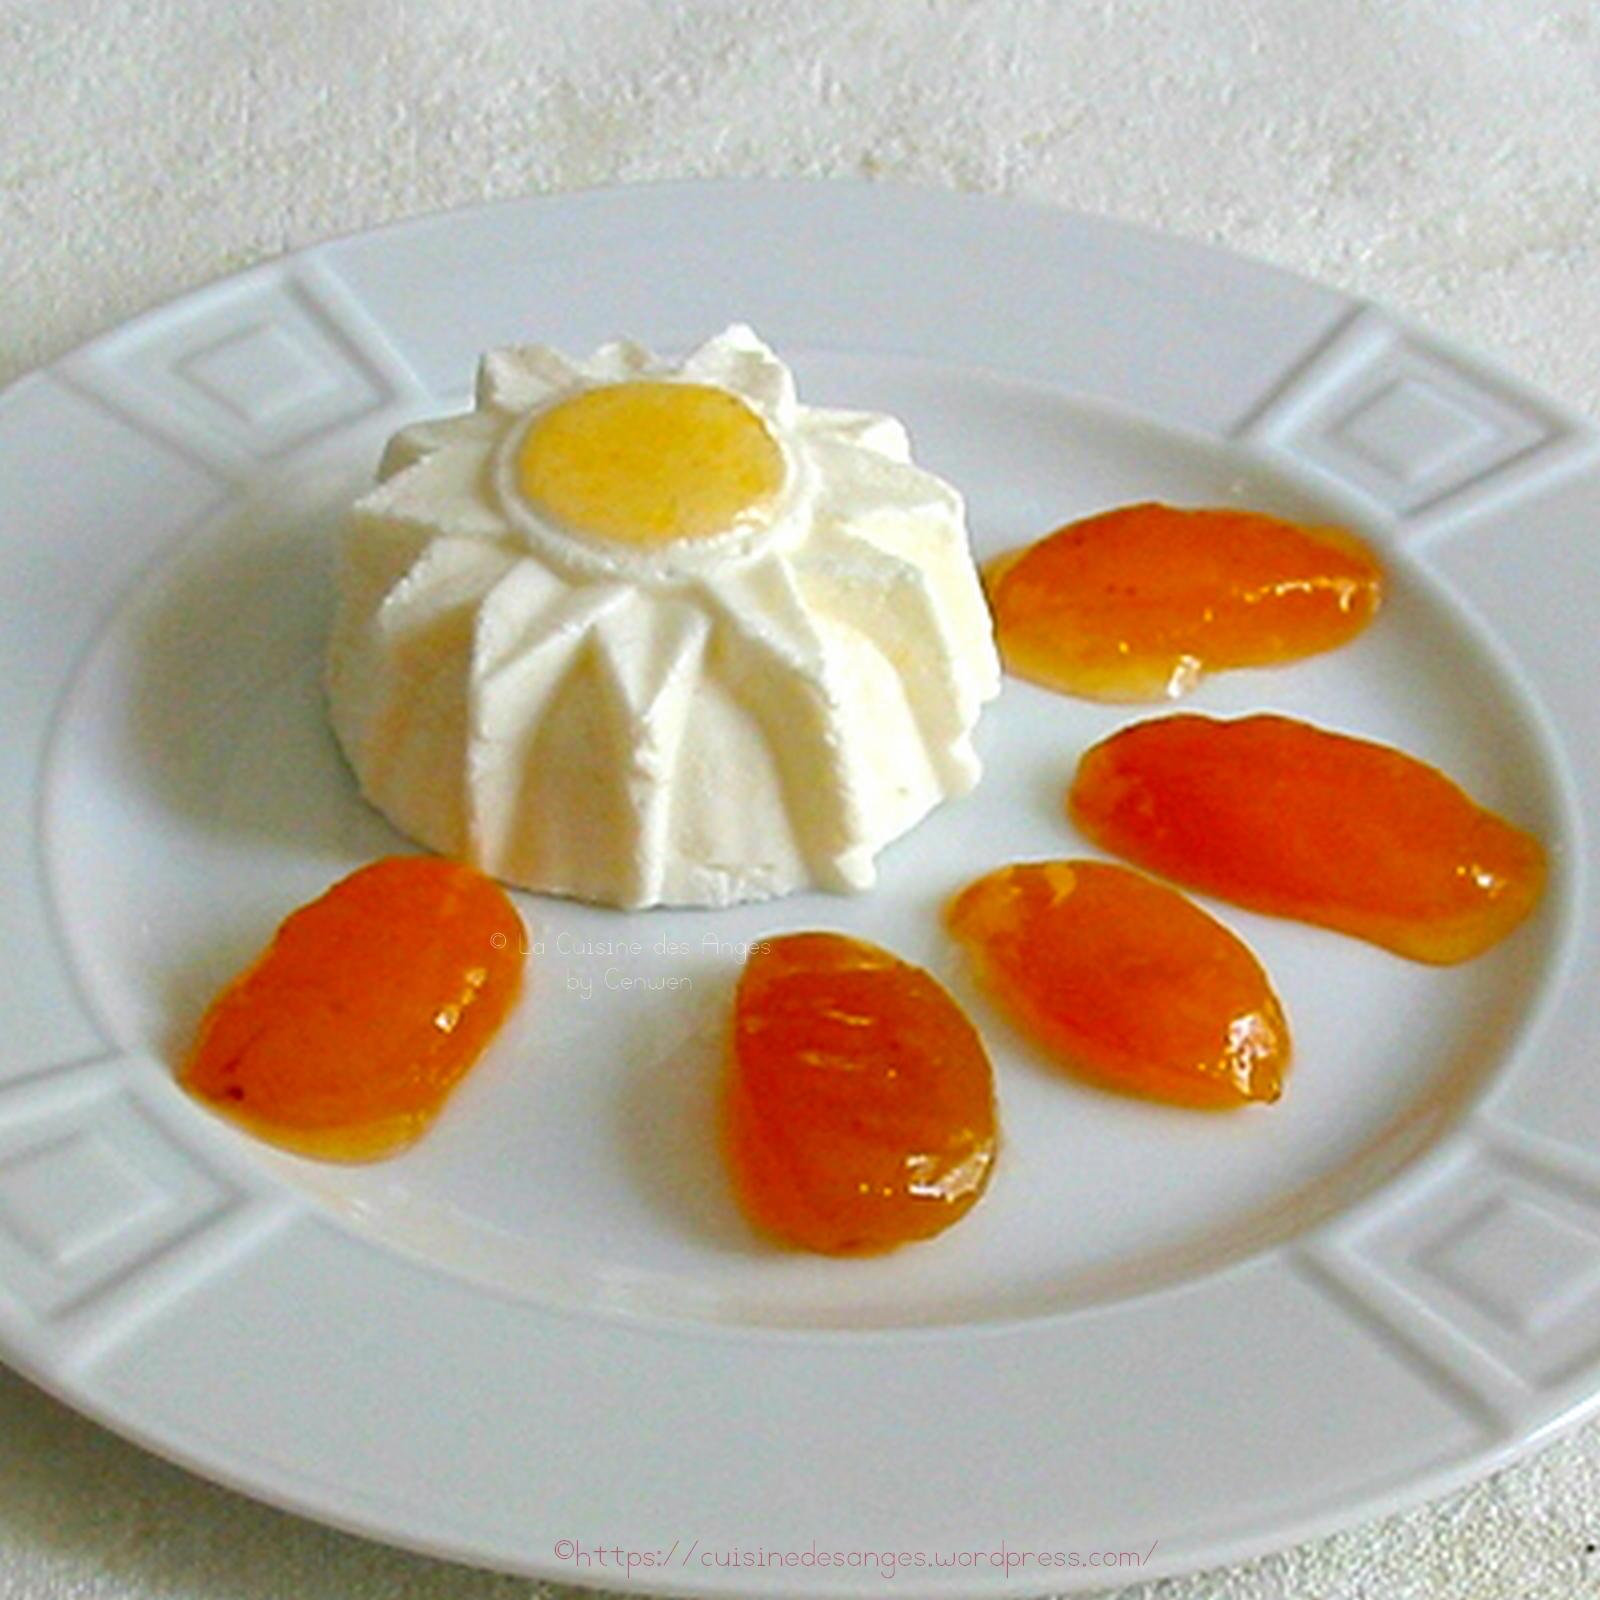 Blanc manger au fromage blanc et confiture d abricots for Manger a la maison